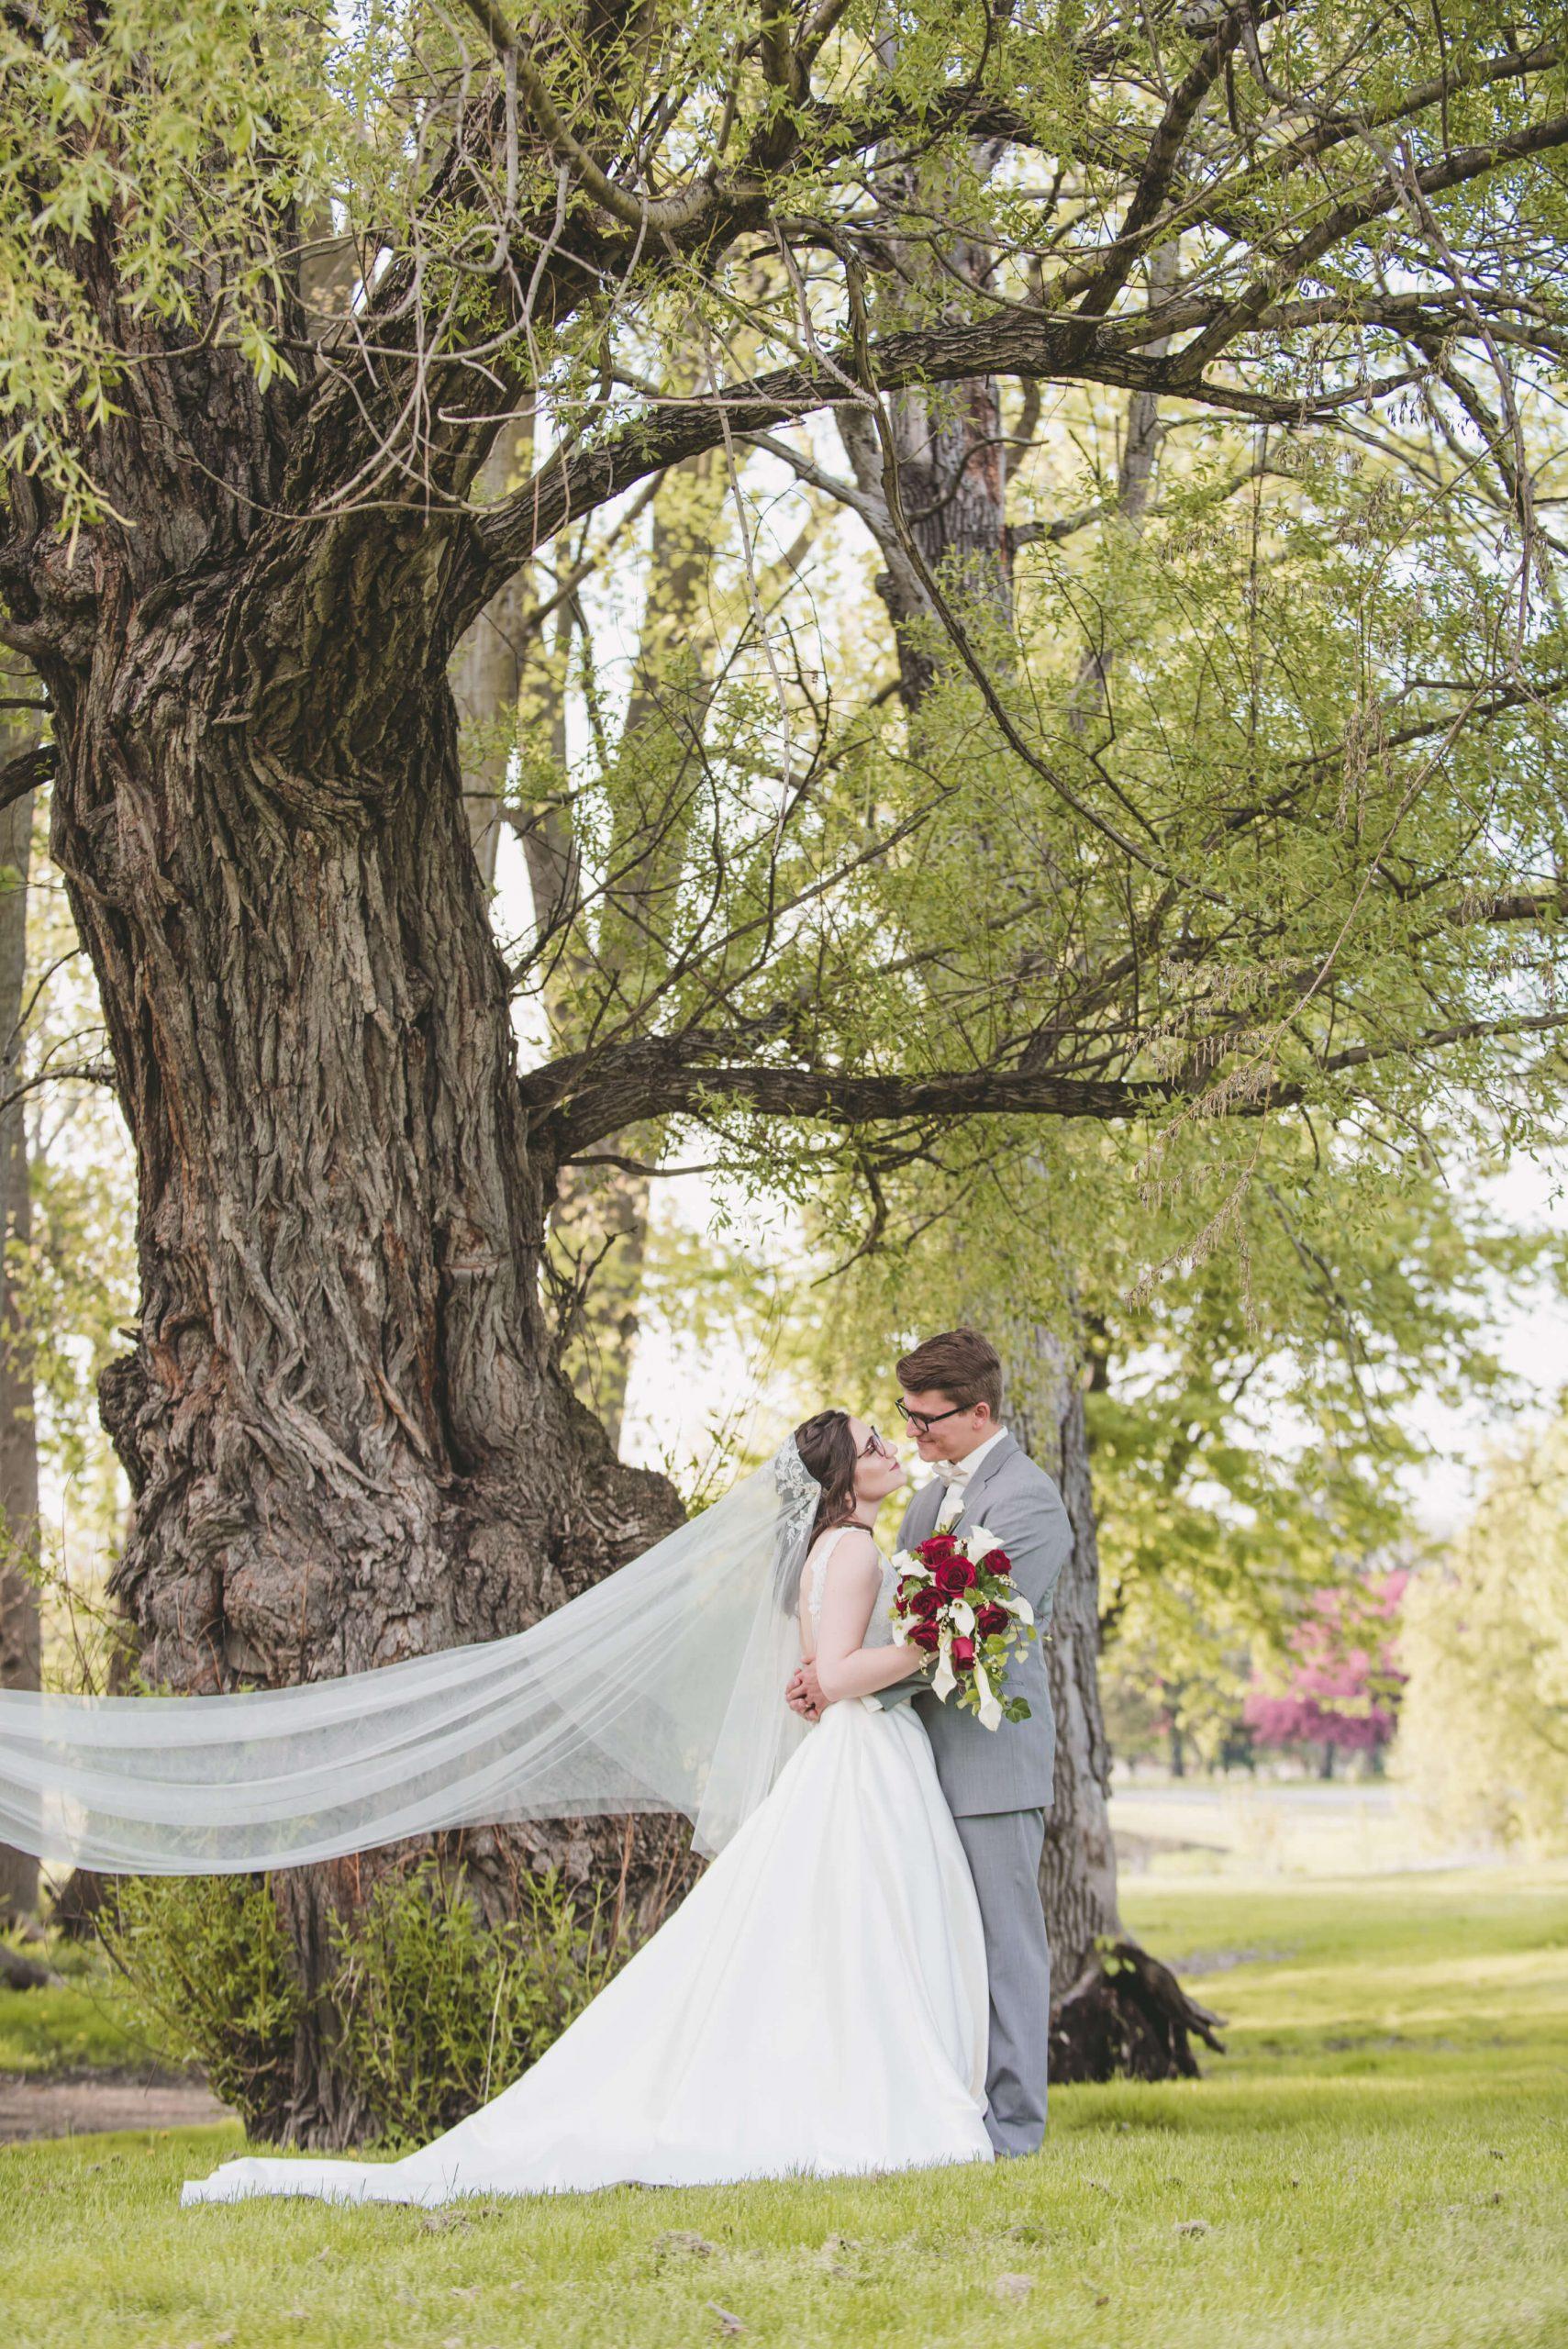 bride and groom wedding veil flowing